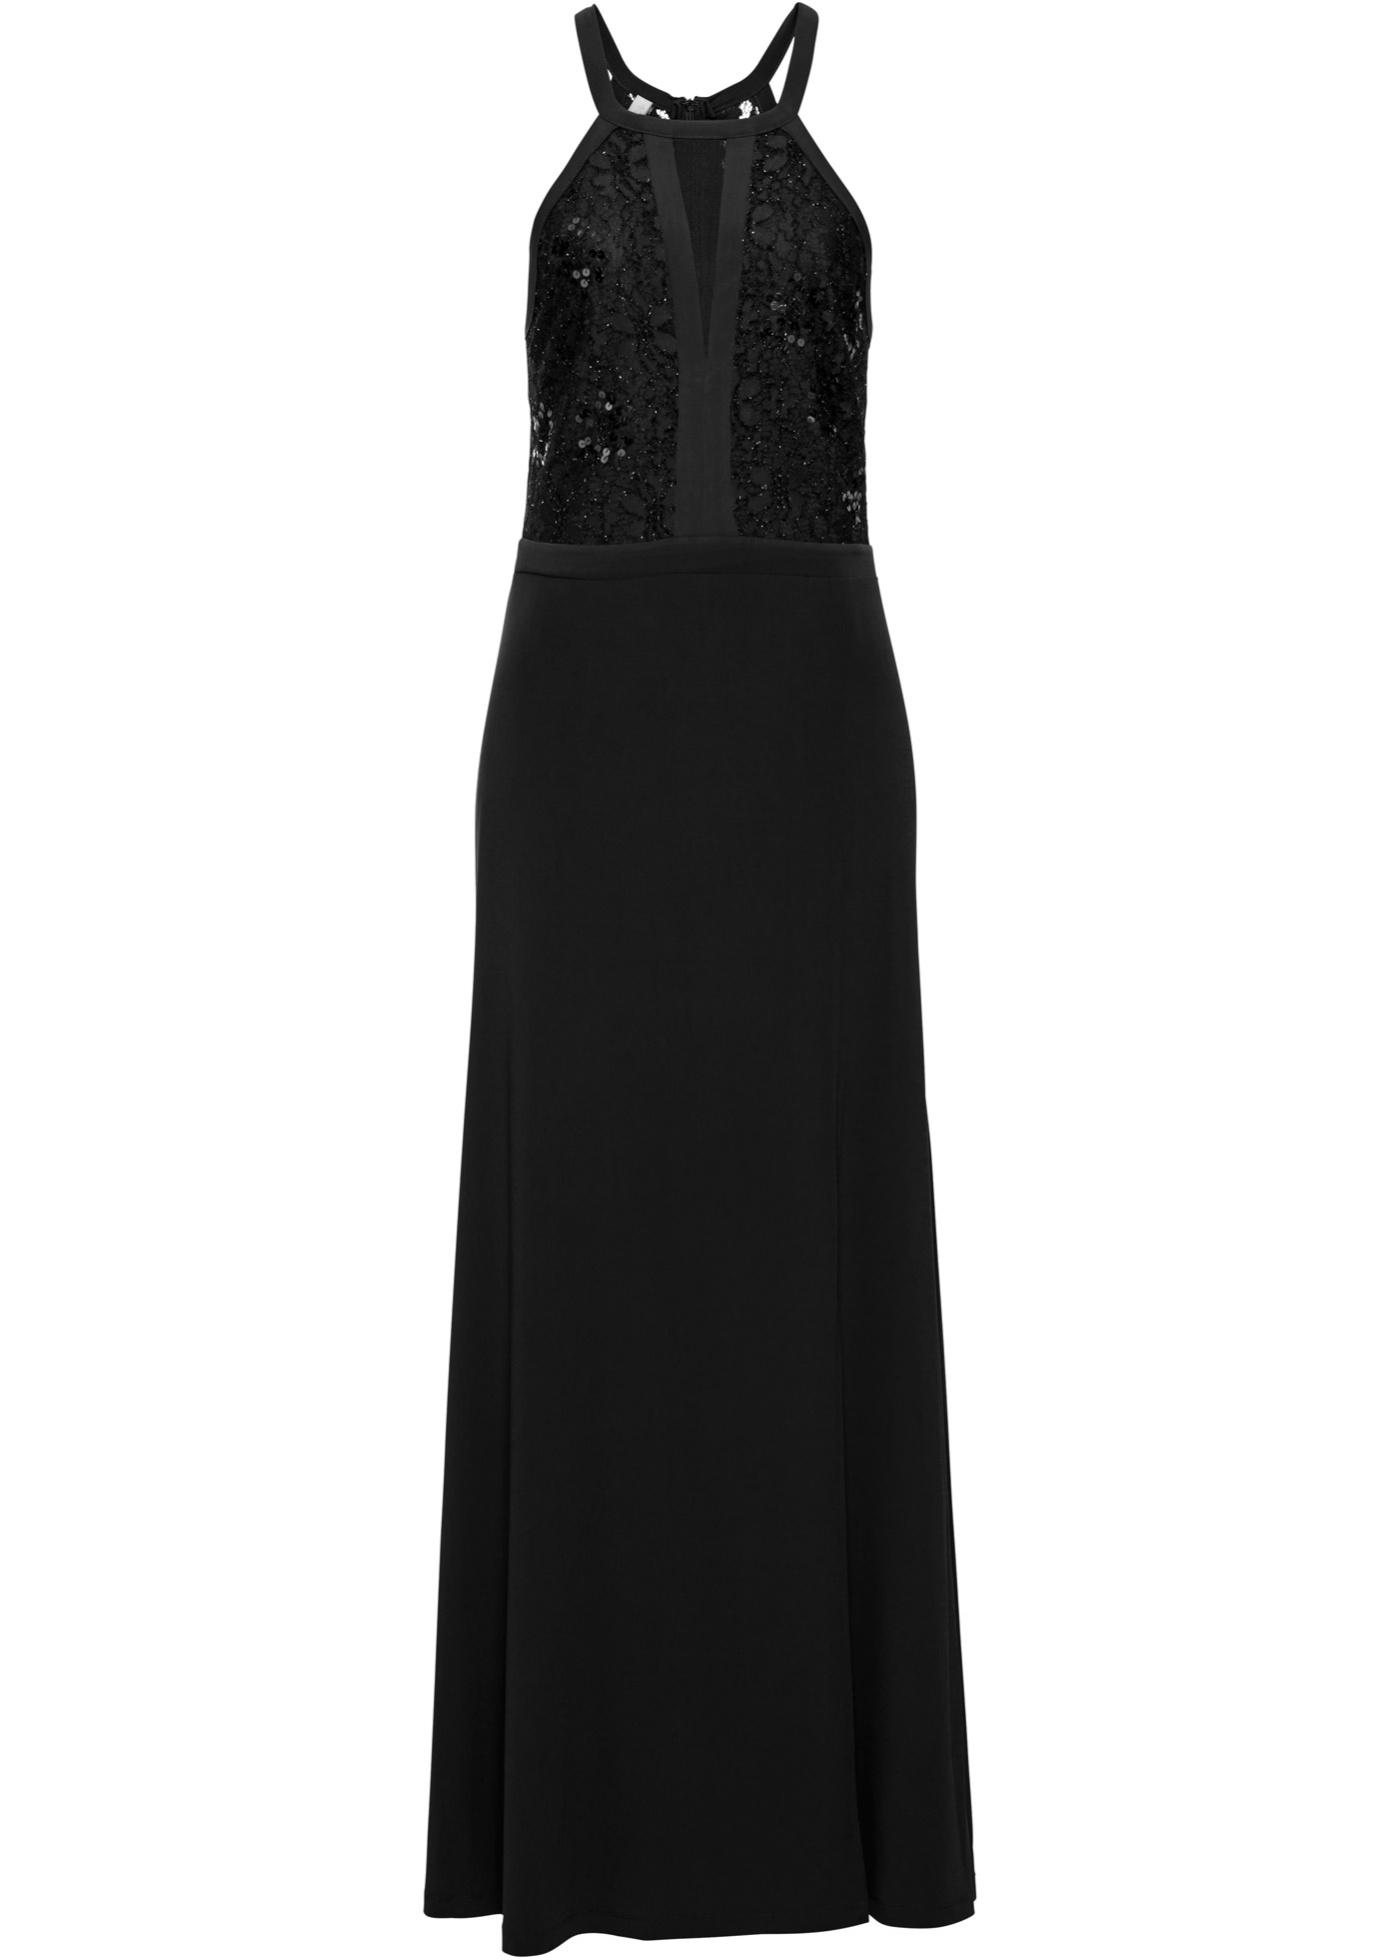 Festtagsmode - Neckholder Kleid mit Spitze und Pailletten › bonprix › schwarz  - Onlineshop Bonprix